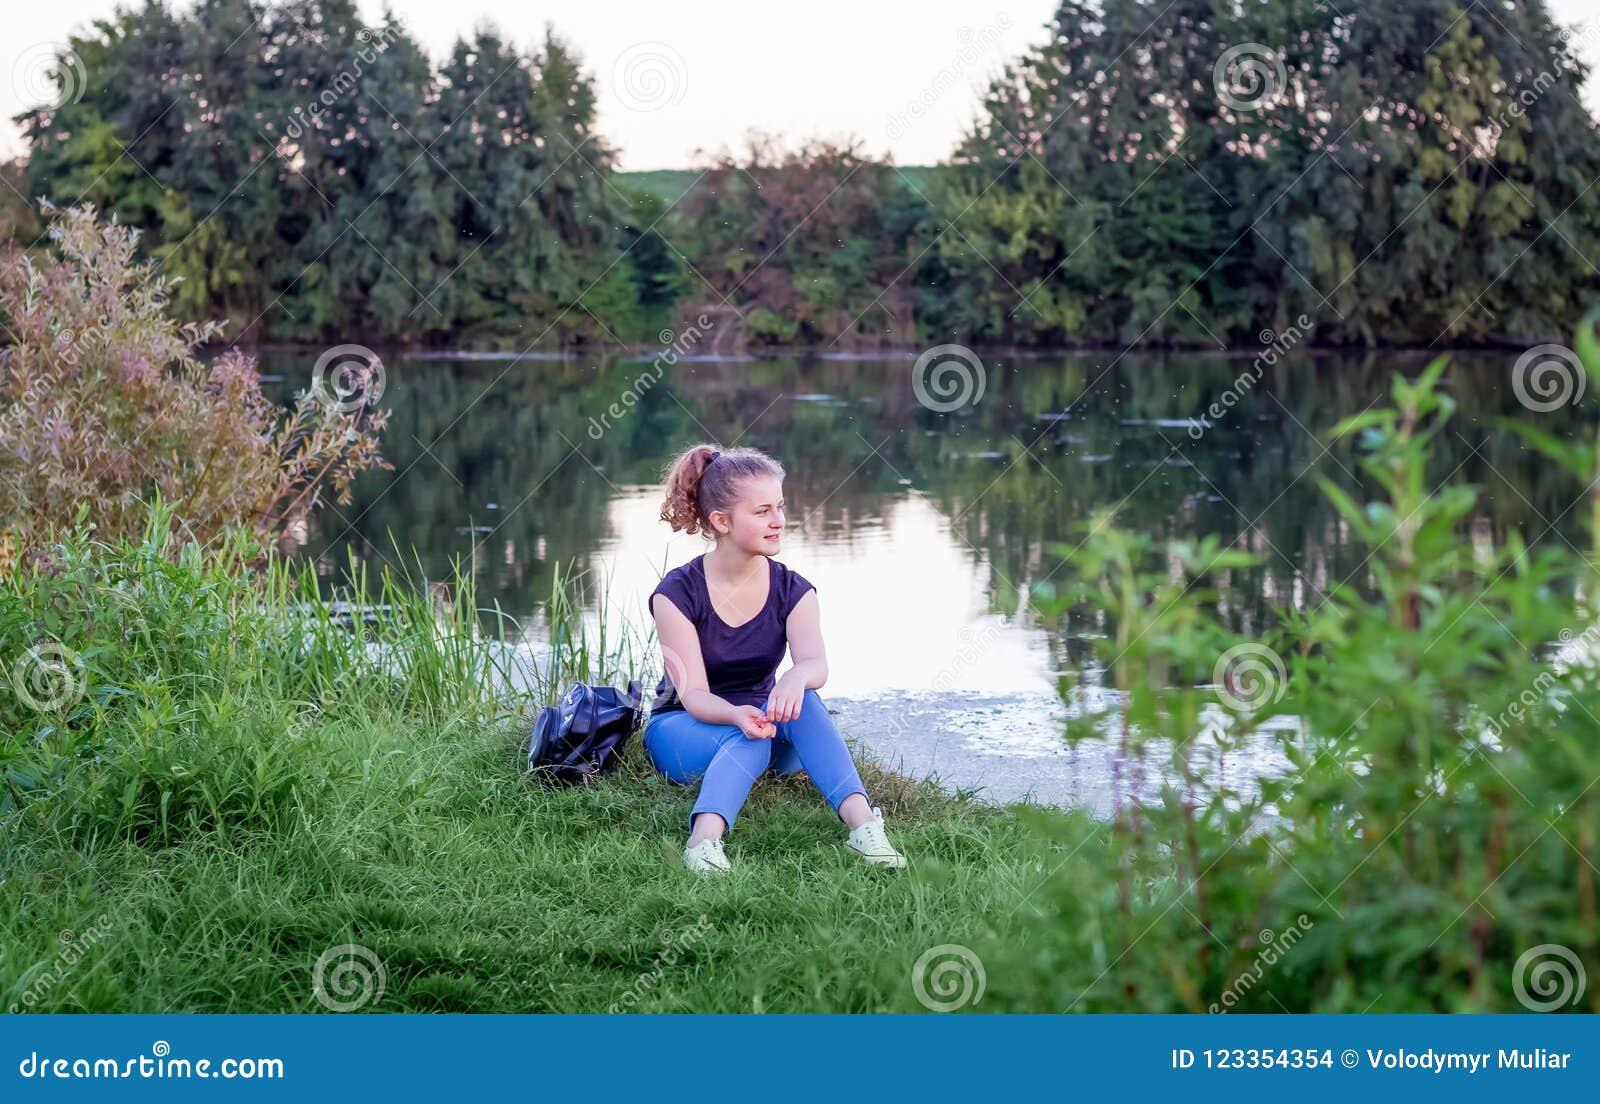 Ένα νέο κορίτσι θαυμάζει τη φύση κατά τη διάρκεια του ηλιοβασιλέματος Υγιής τρόπος ζωής